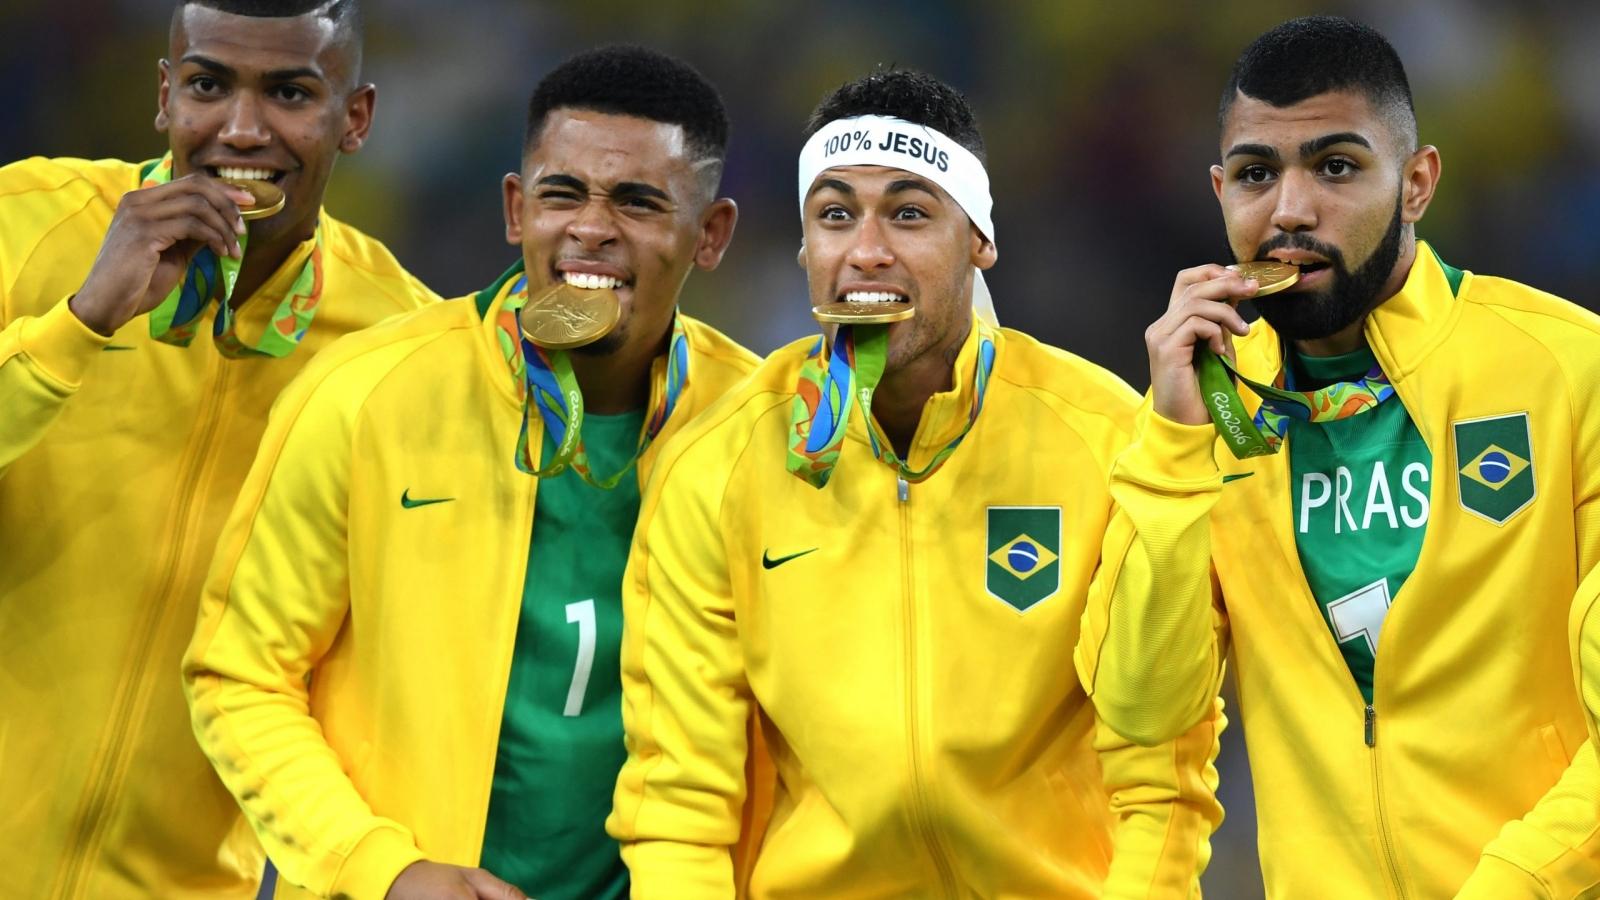 Đội hình Brazil giành HCV Olympic 2016 bây giờ ra sao?